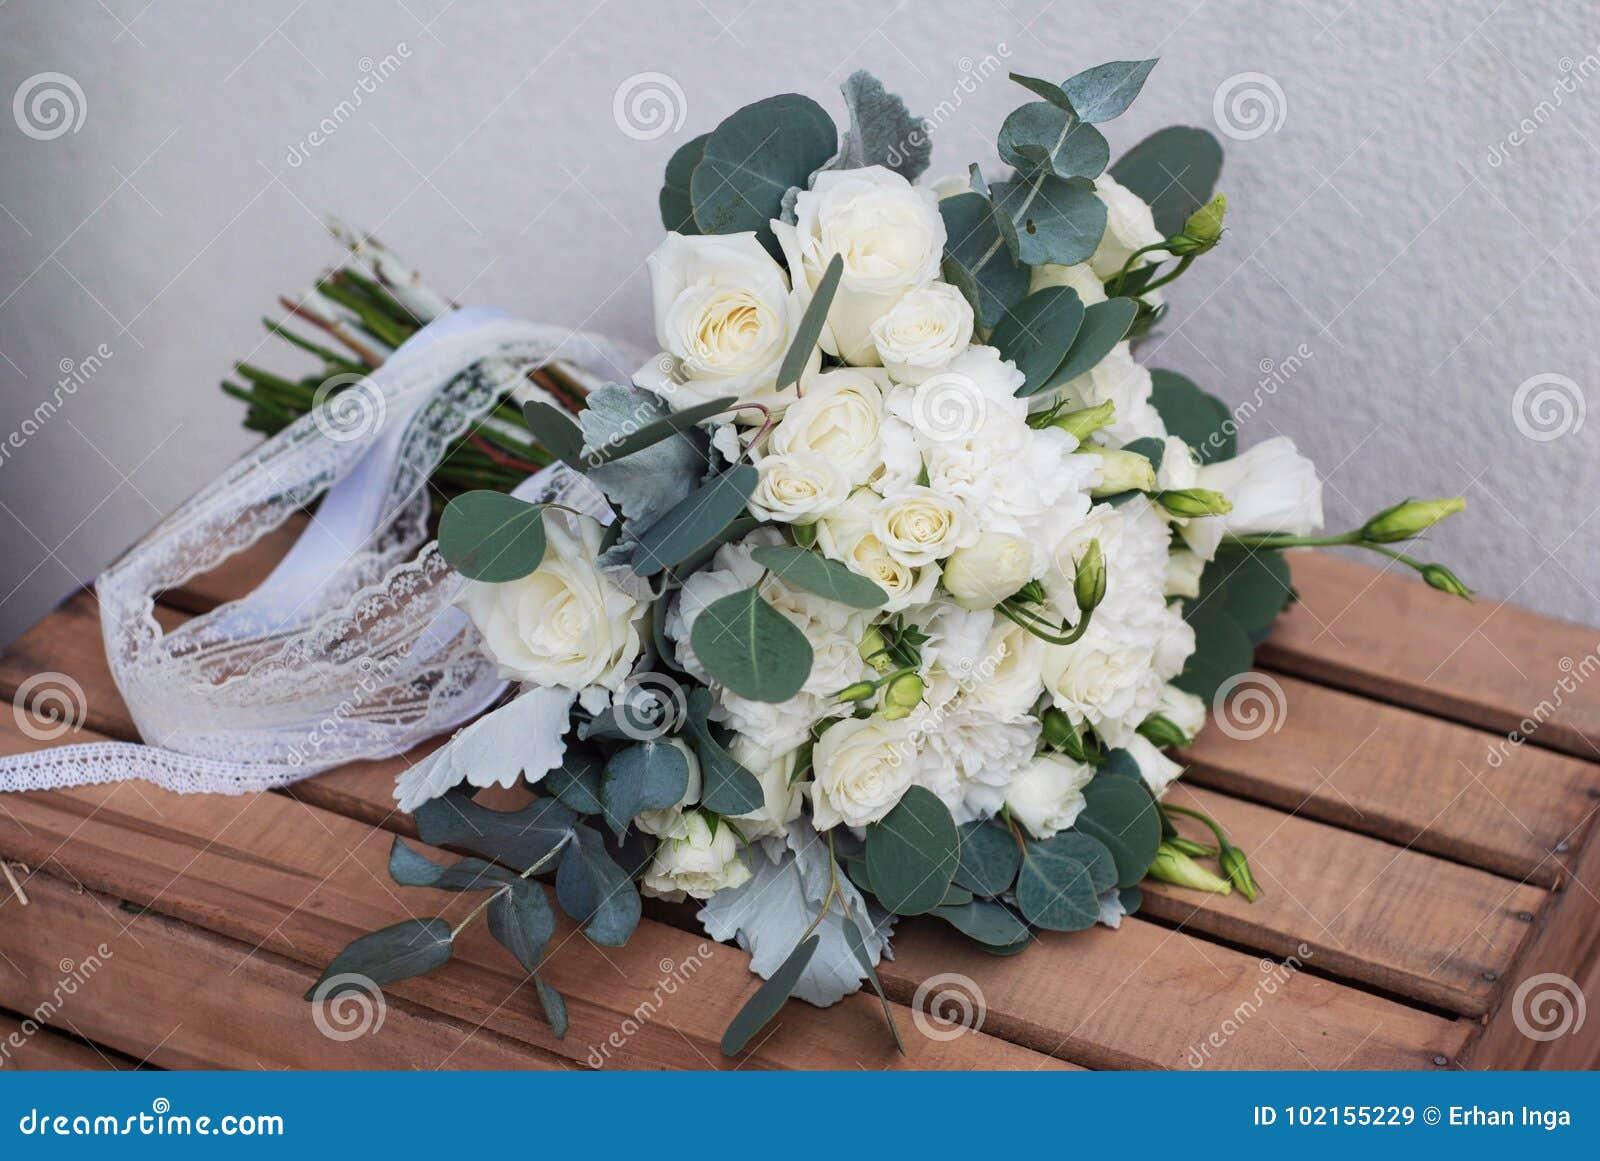 Feuille D Eucalyptus Bouquet bouquet européen blanc nuptiale avec des feuilles d